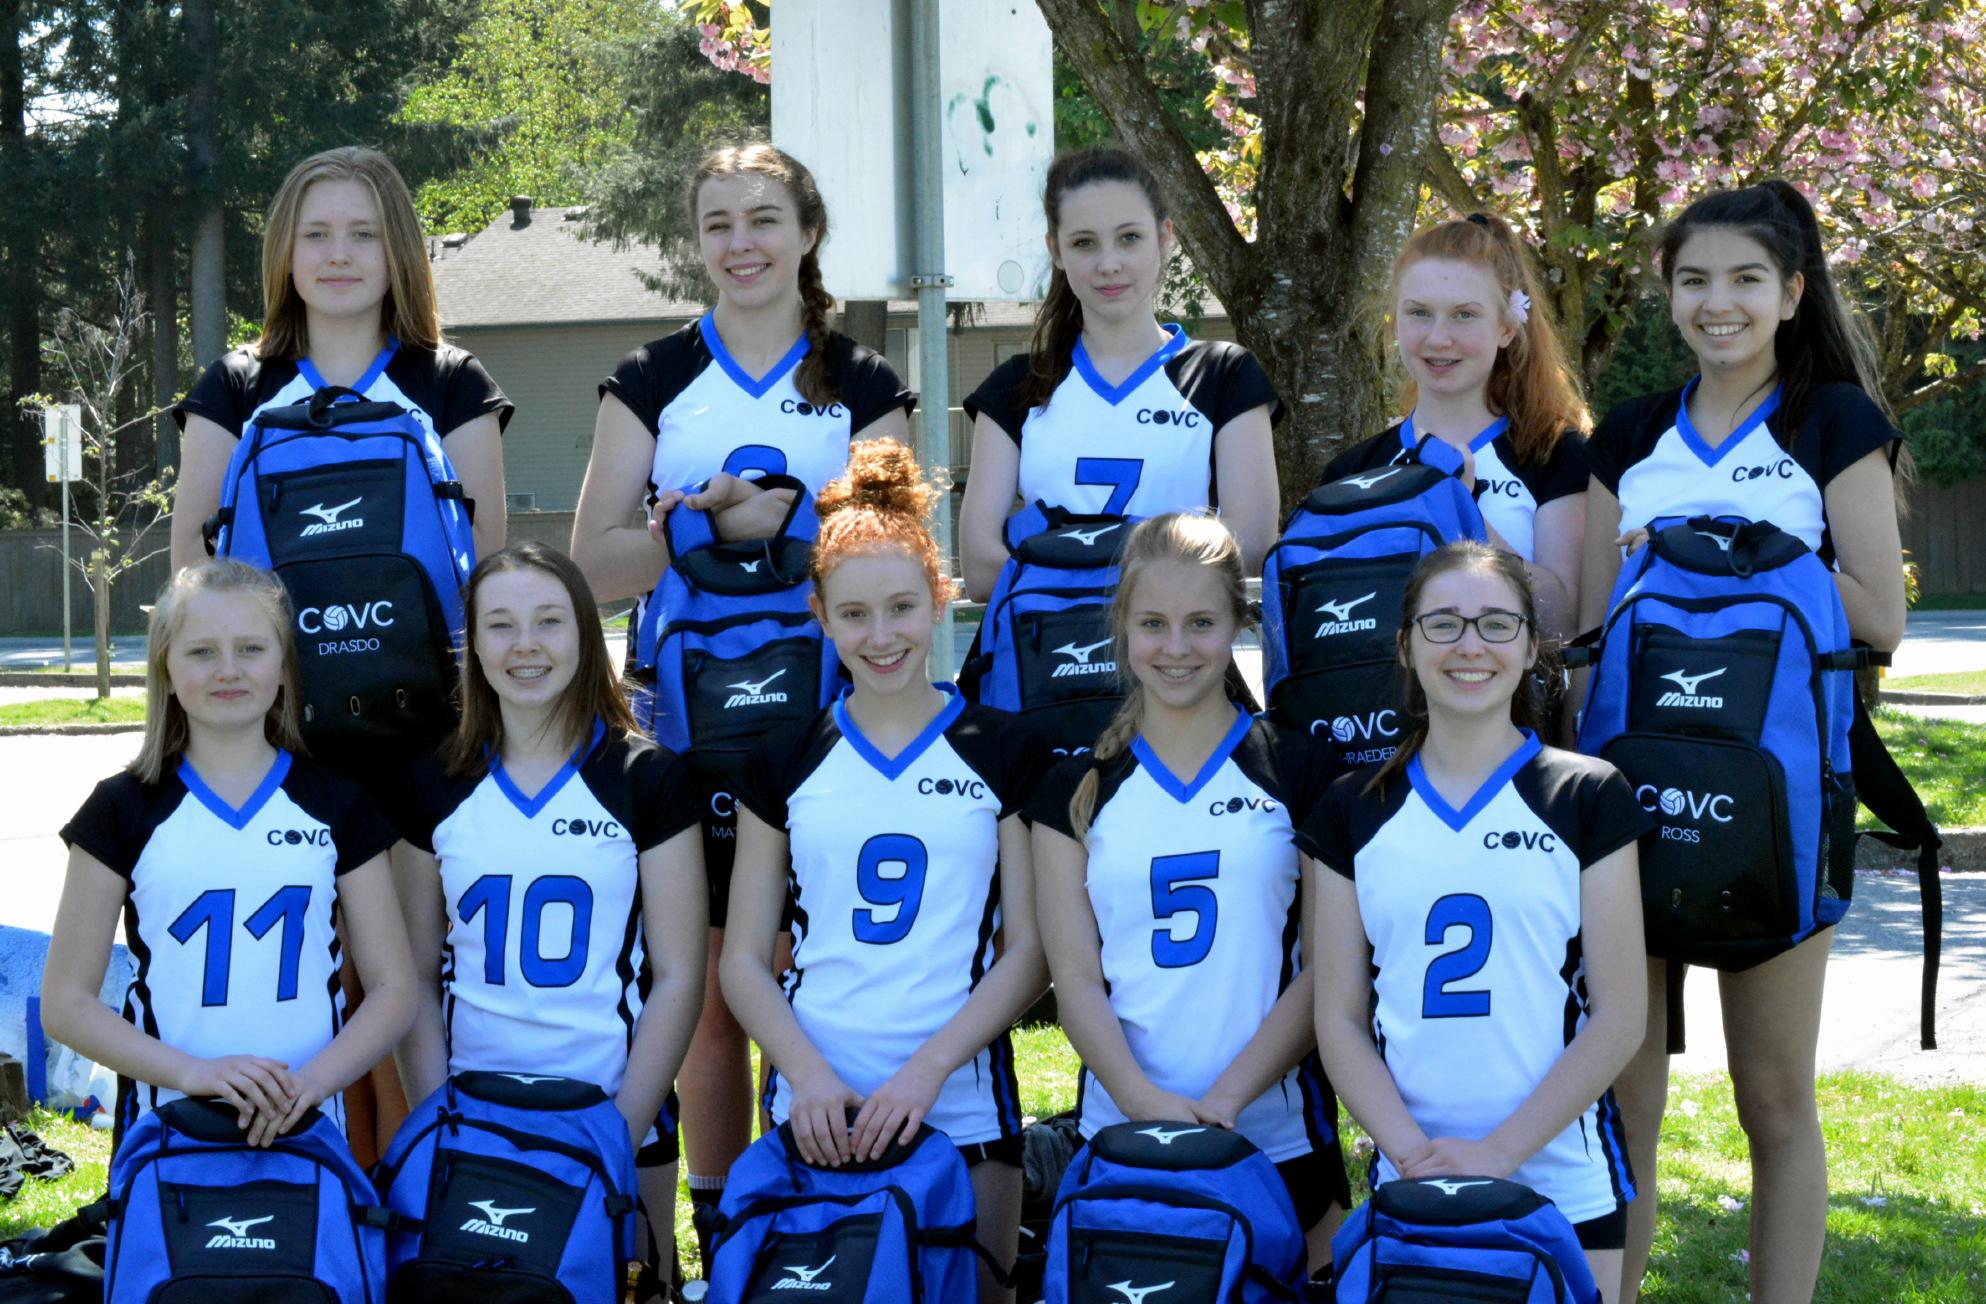 COVC Storm U14 Club Volleyball Team